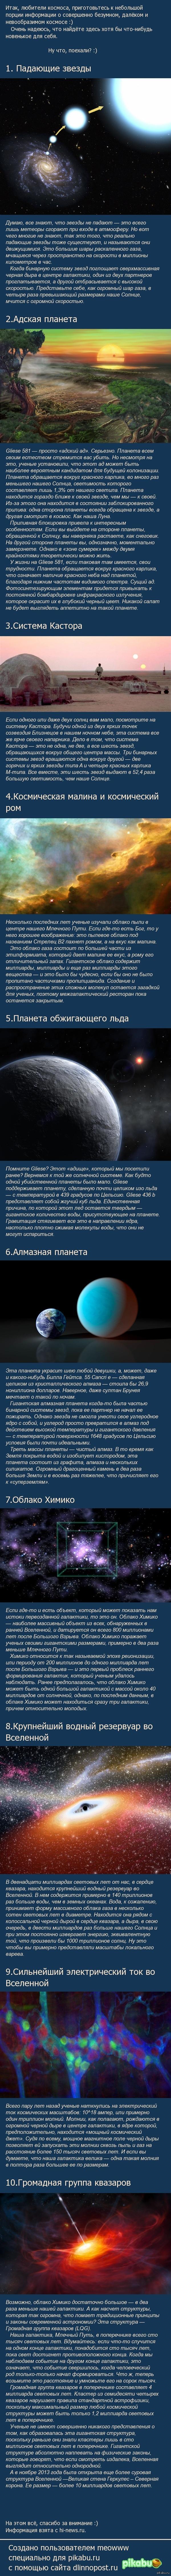 10 самых странных объектов во Вселенной Баянометр молчит. Доверюсь ему :)  длиннопост, космос, интересные факты, первый длиннопост, hi-news